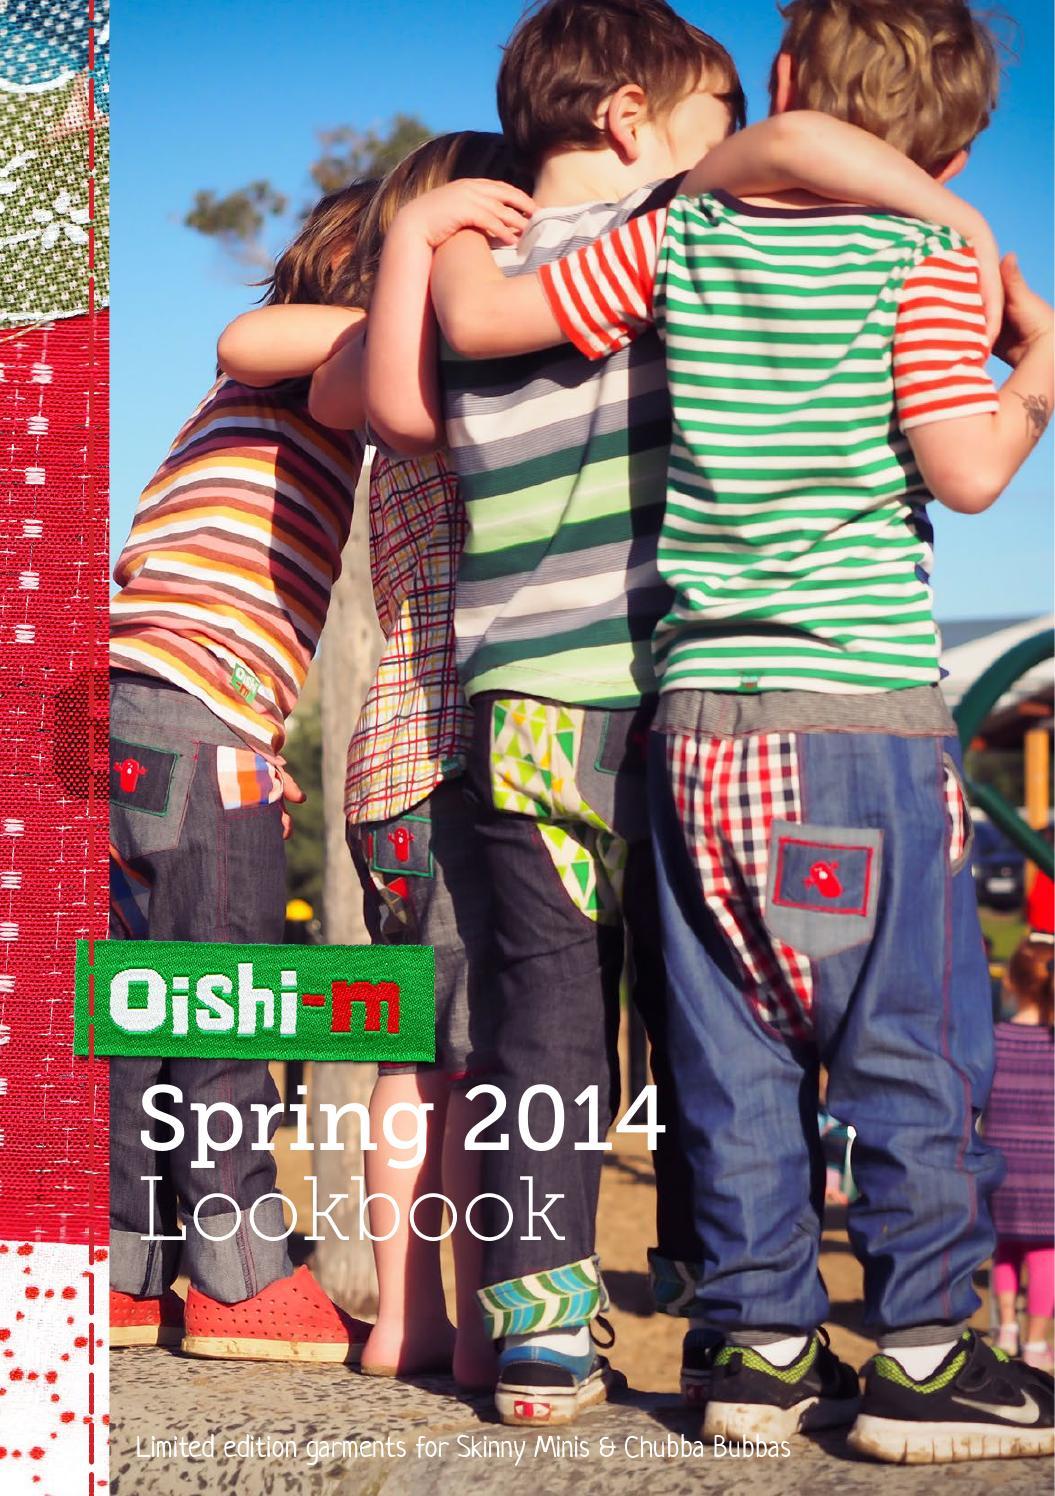 oishi m shorts